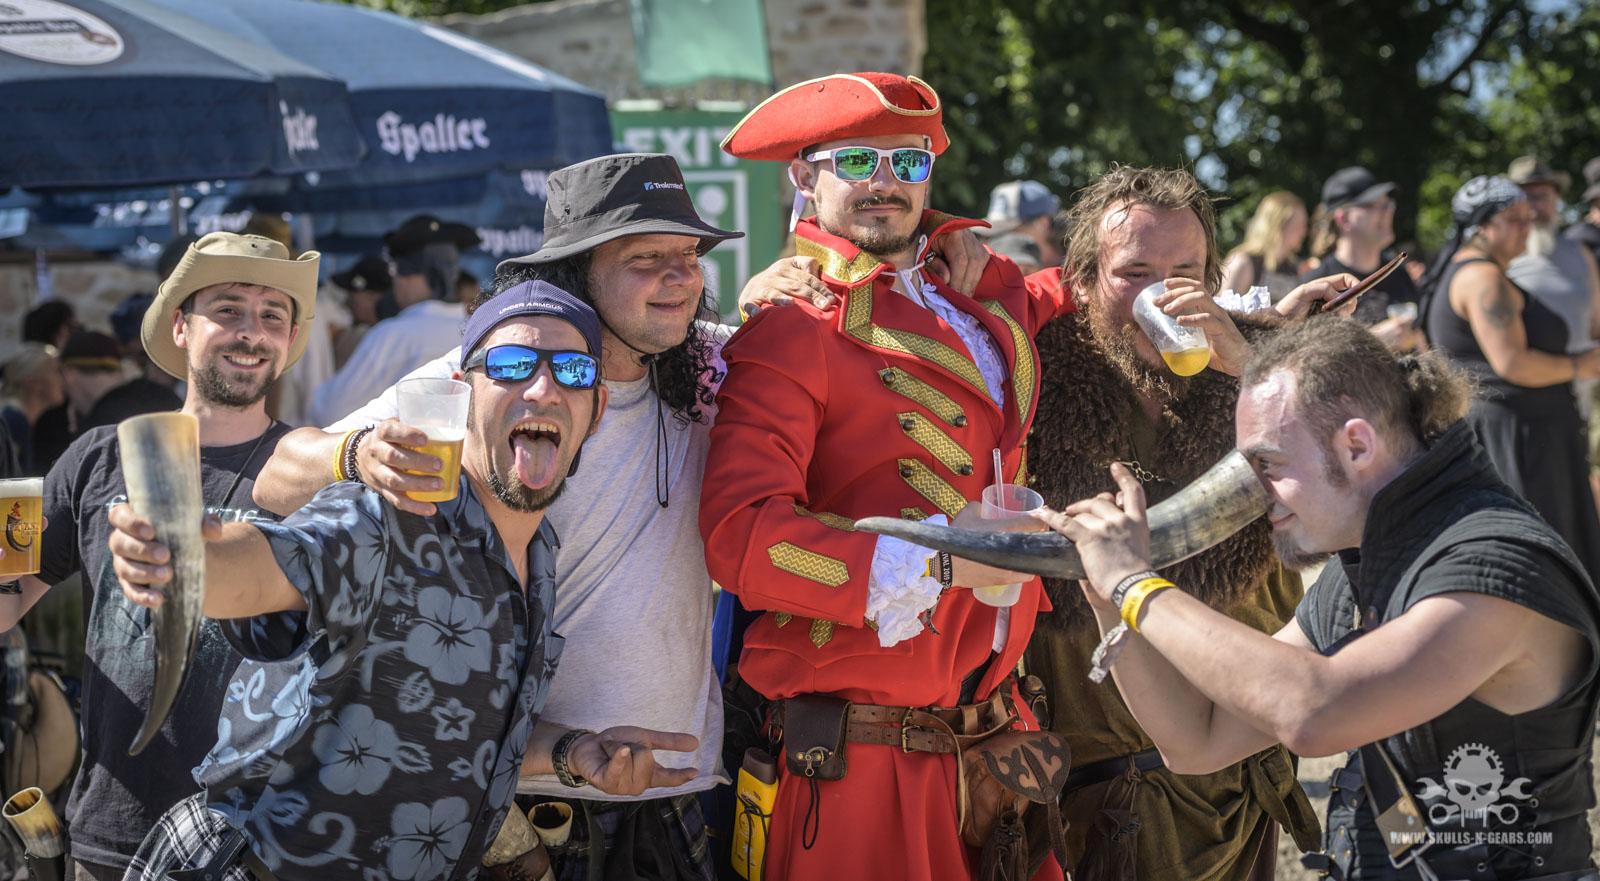 Feuertanz Festival 2019 - Besucher-155